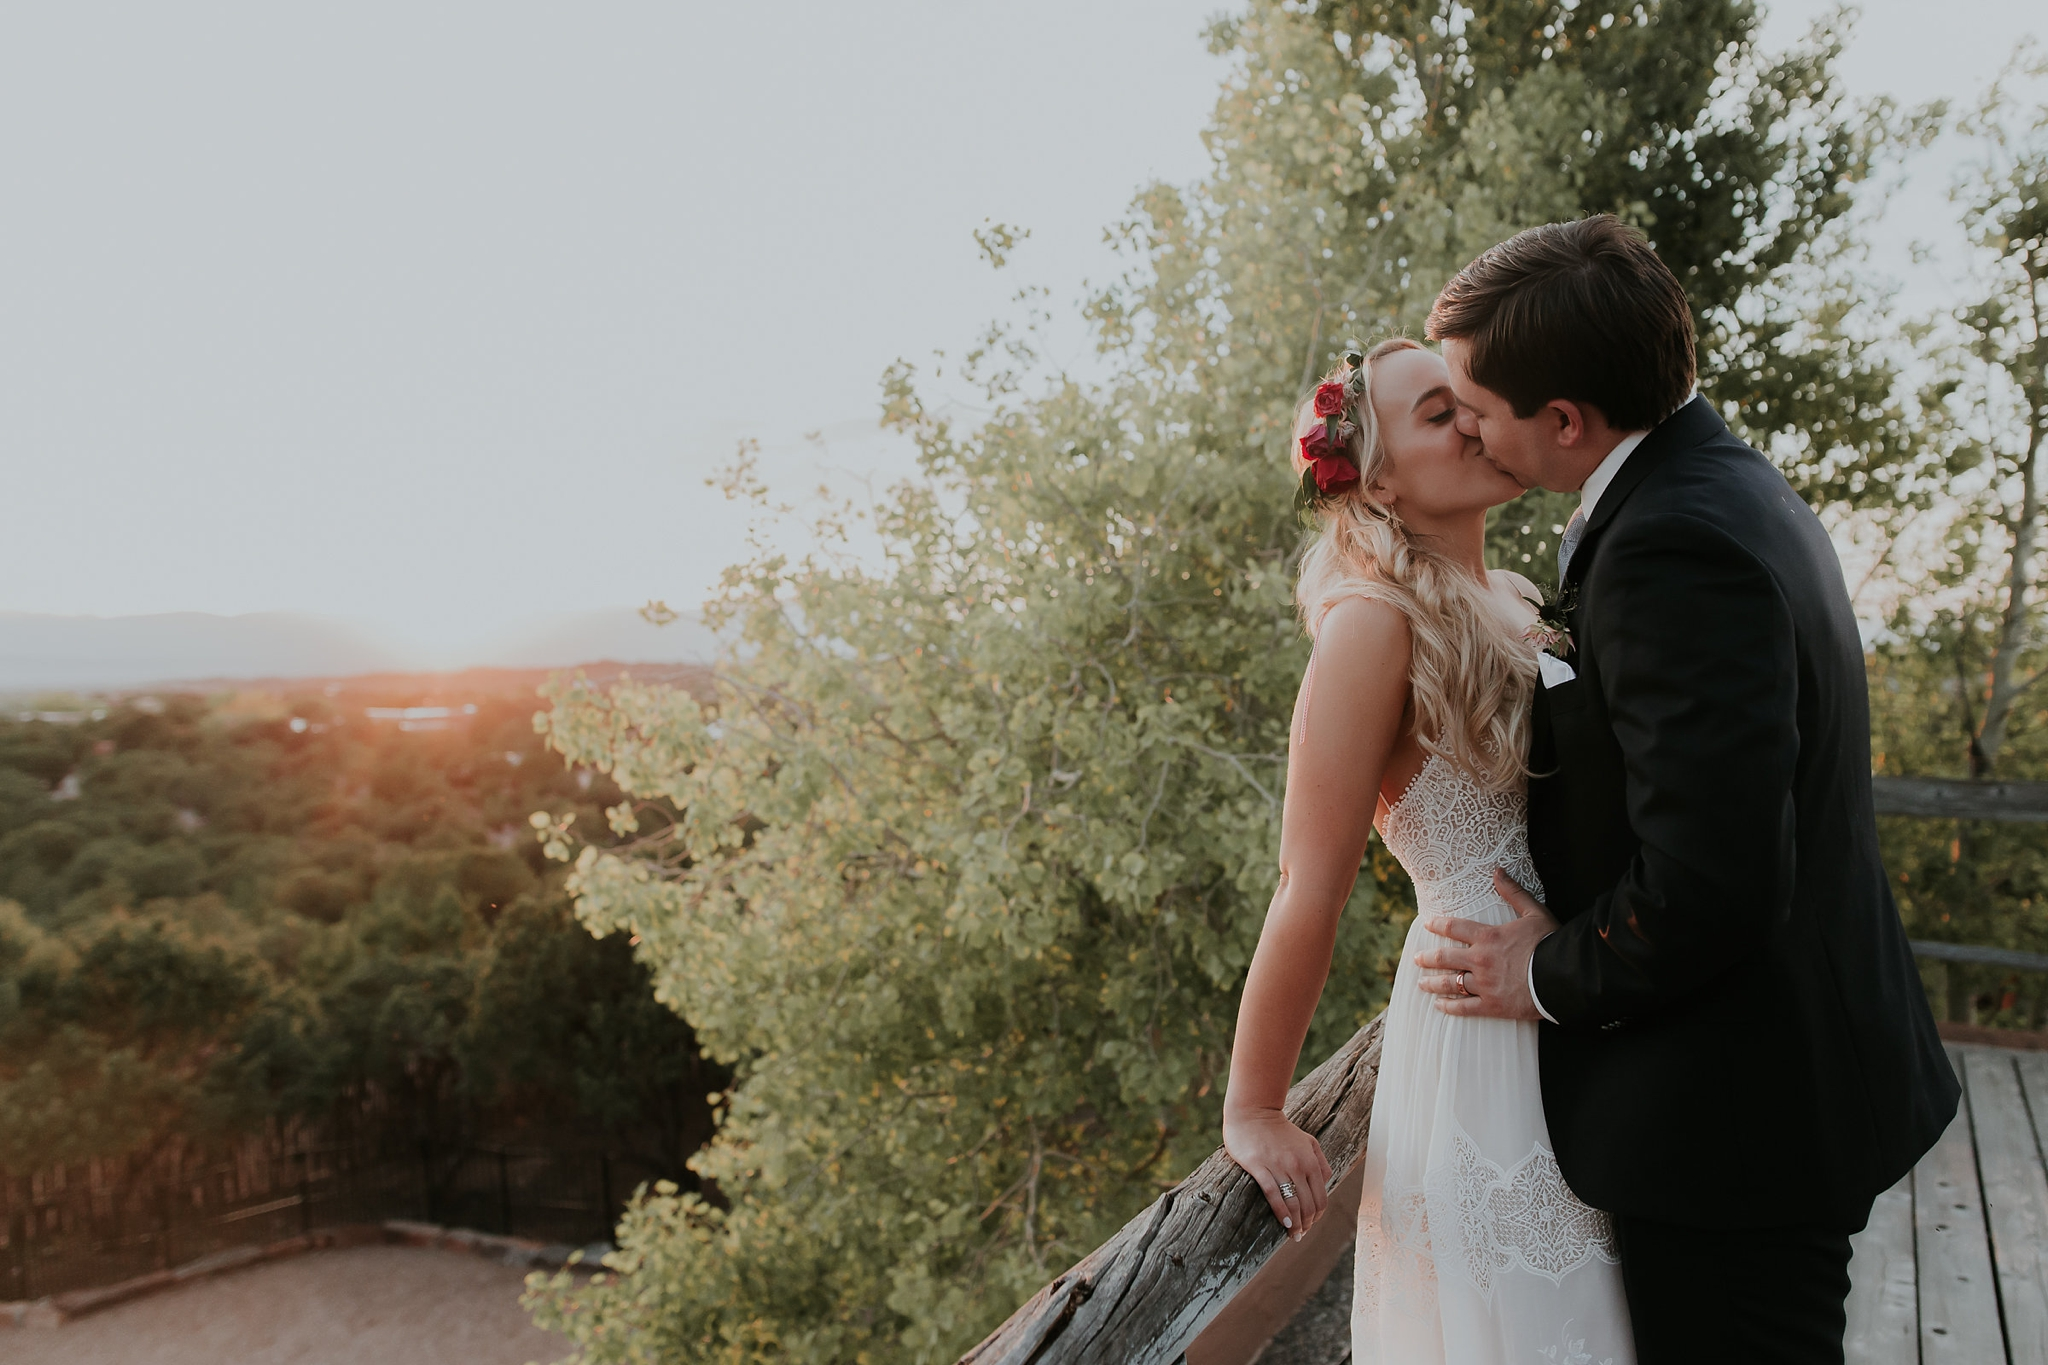 Alicia+lucia+photography+-+albuquerque+wedding+photographer+-+santa+fe+wedding+photography+-+new+mexico+wedding+photographer+-+new+mexico+wedding+-+albuquerque+wedding+-+santa+fe+wedding+-+wedding+romantics_0013.jpg